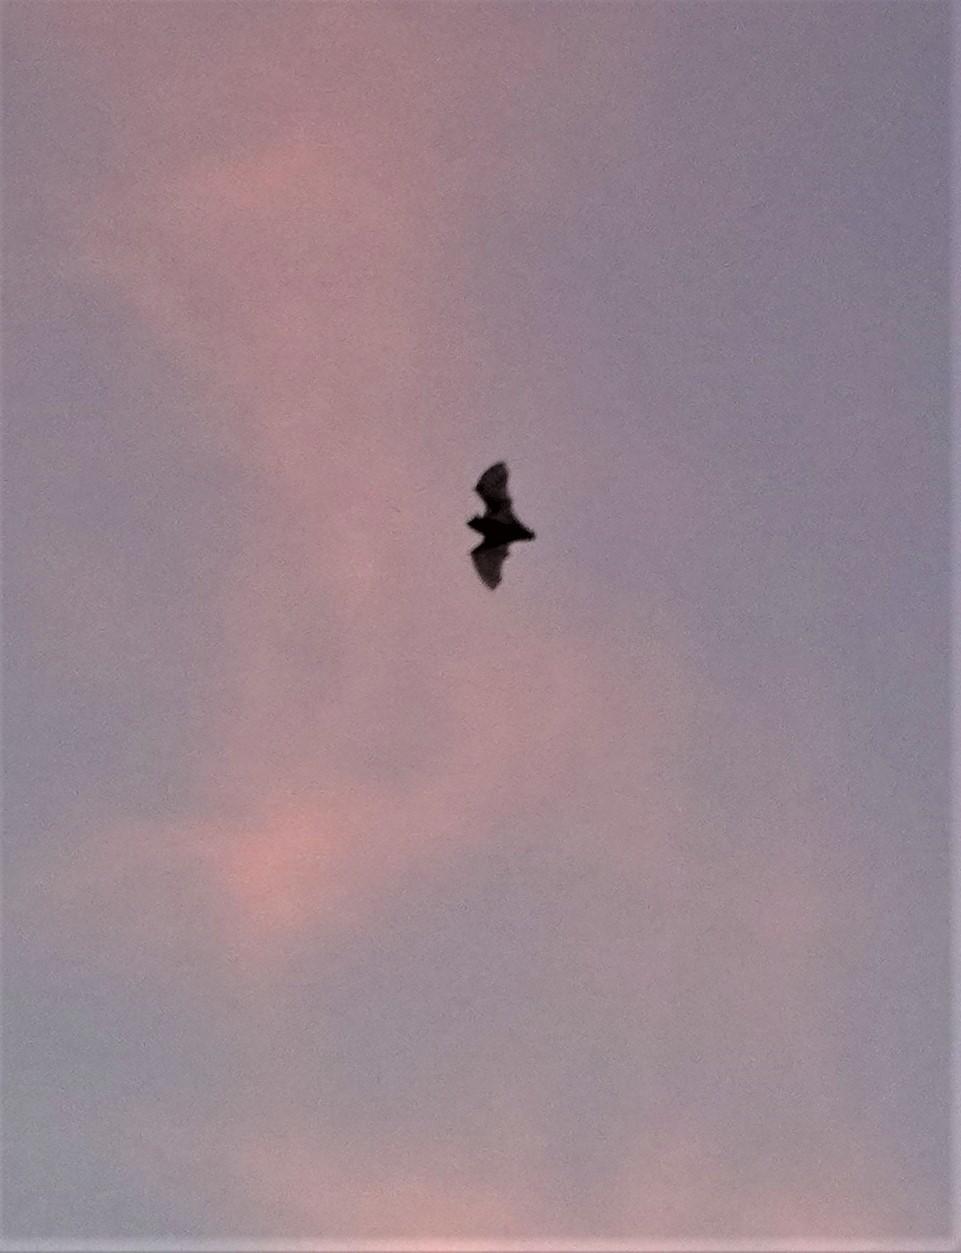 夕焼け空に舞う蝙蝠_f0006713_17213469.jpg